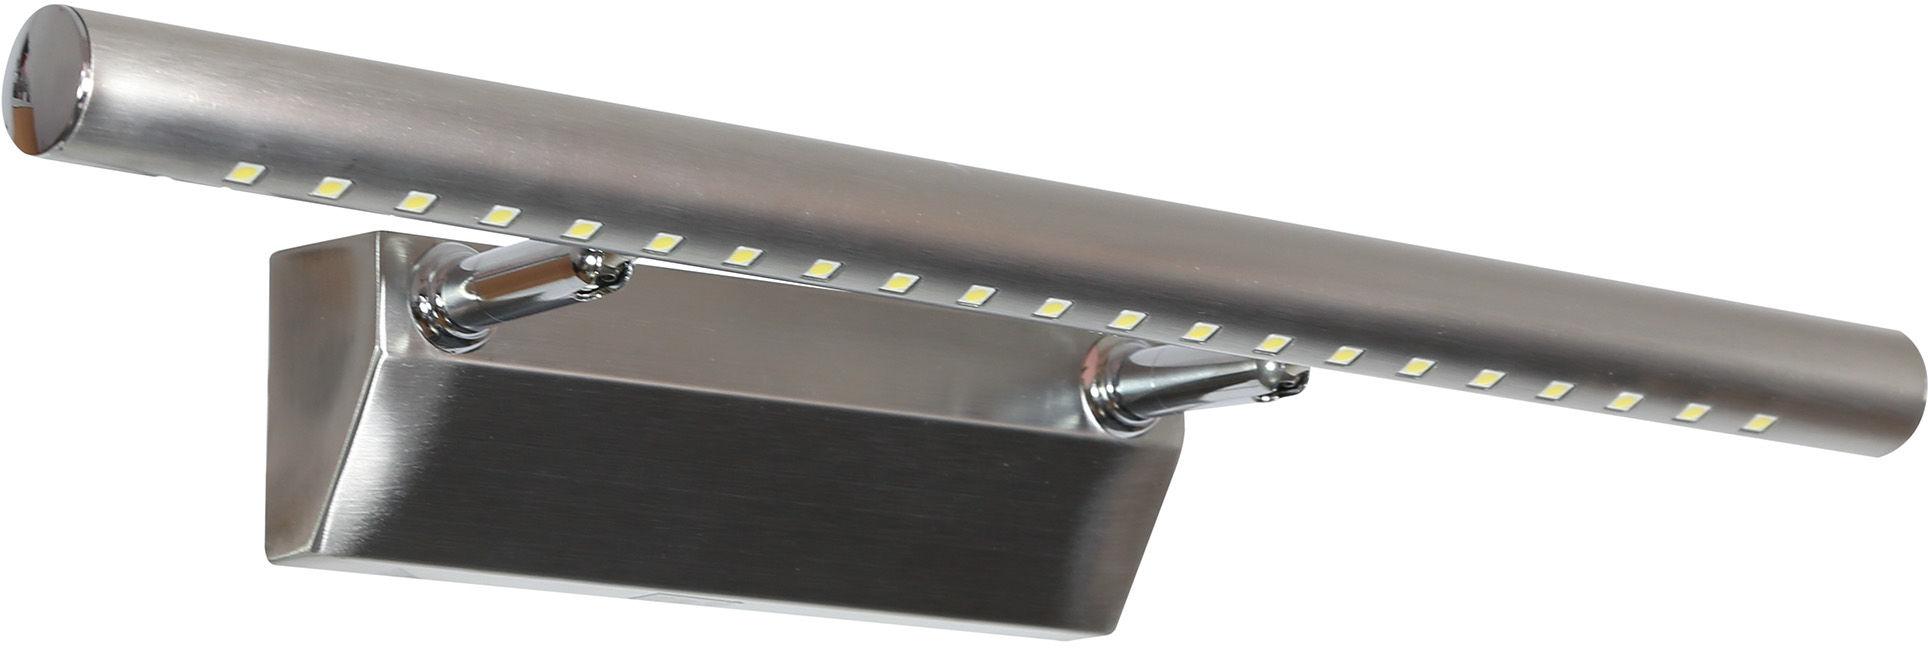 Candellux FORTE LED 2 20-26996 kinkiet lampa ścienna satyna nikiel rurka 5W LED 40,5cm